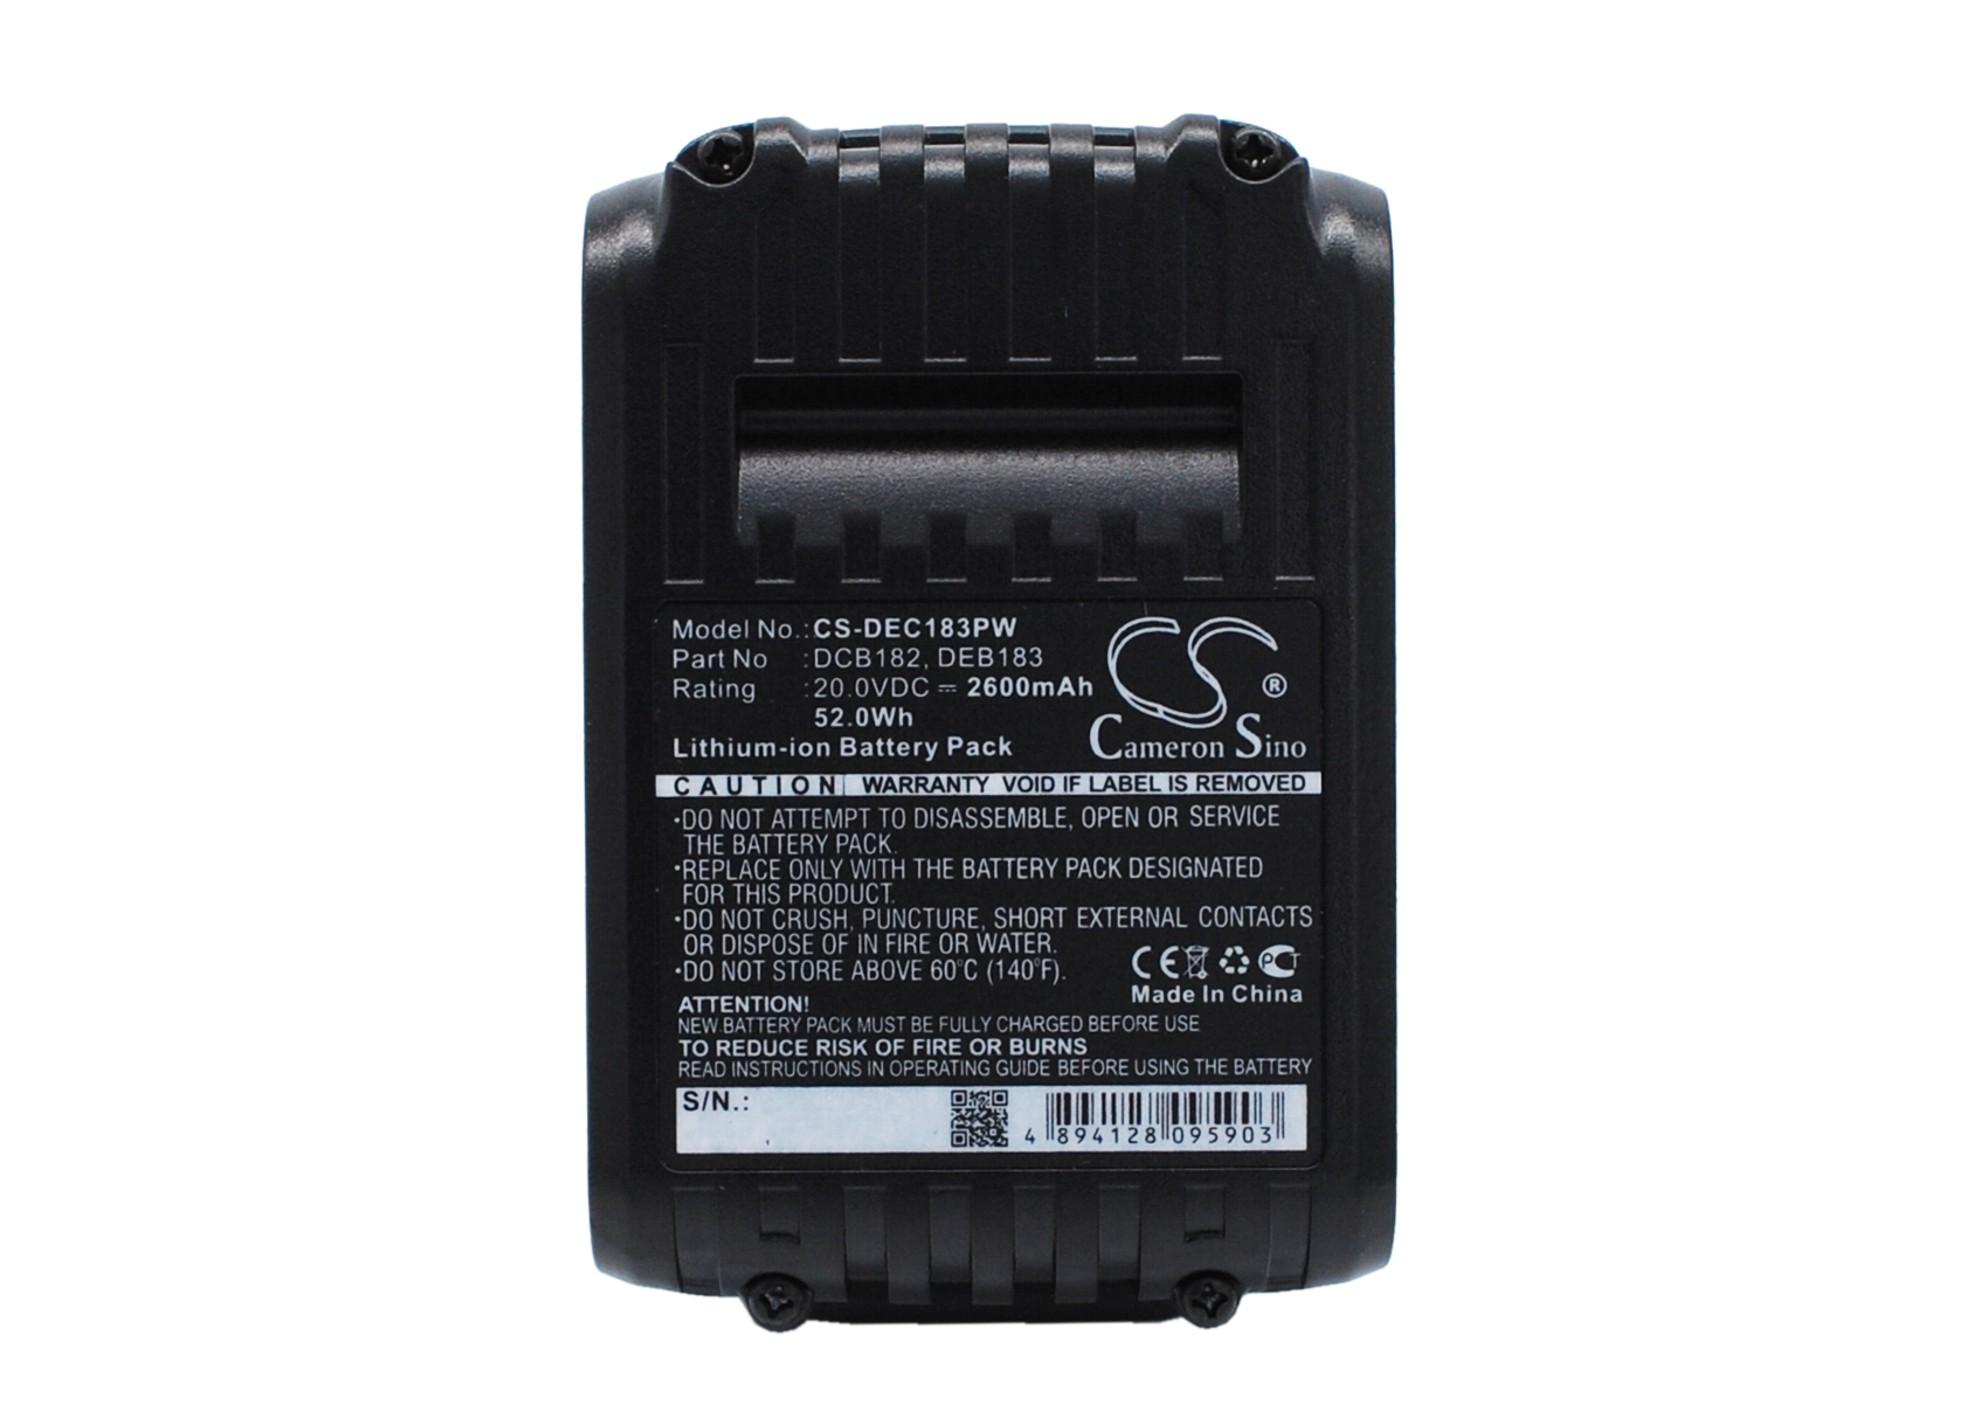 Cameron Sino baterie do nářadí pro DEWALT DCG412L2 20V Li-ion 2600mAh černá - neoriginální